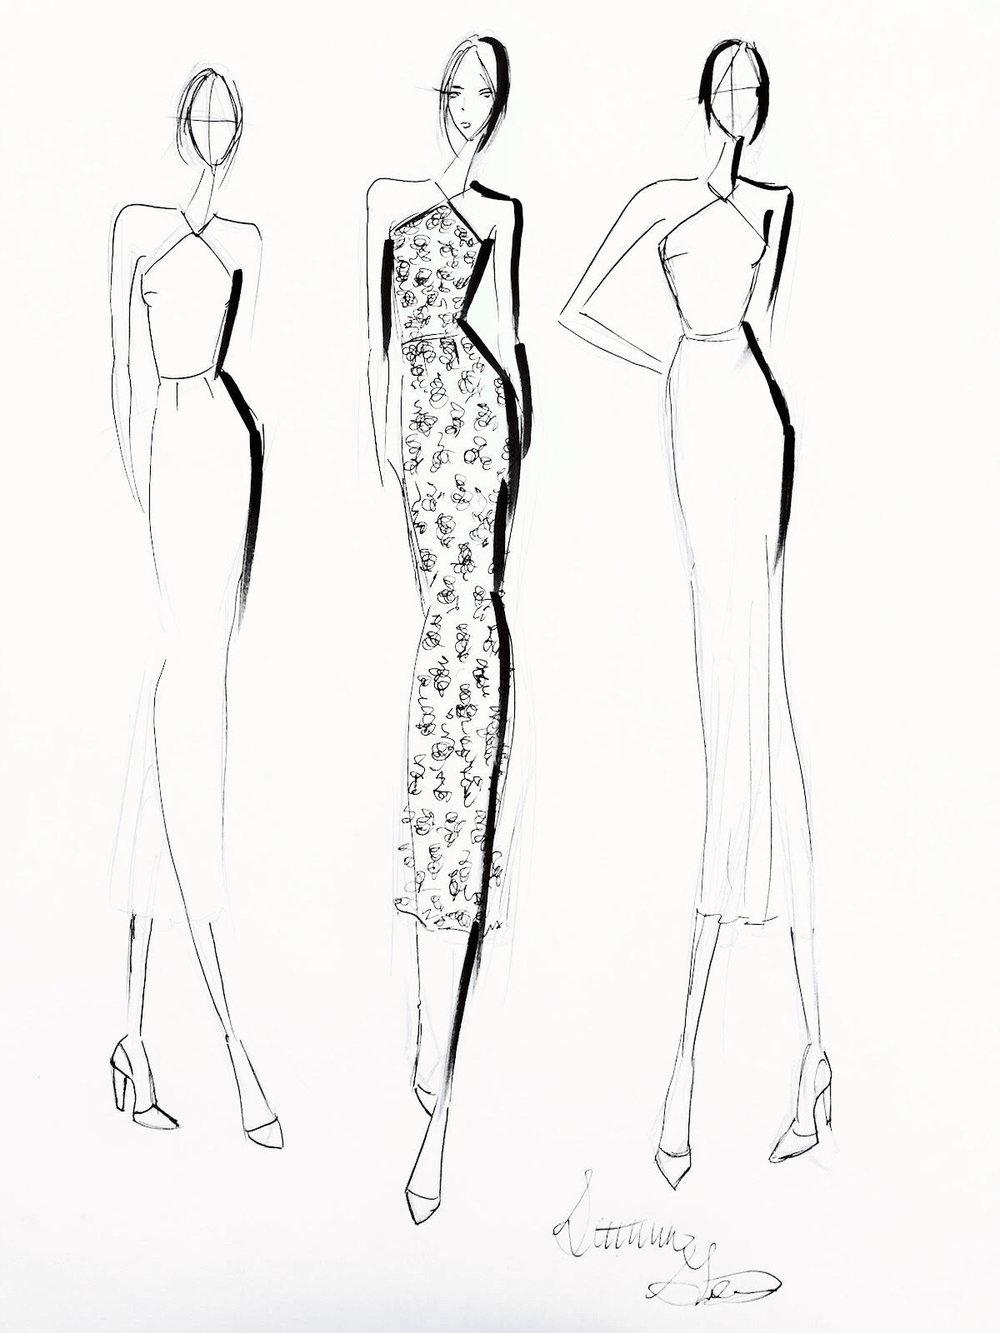 Design 3 - Halter neckline